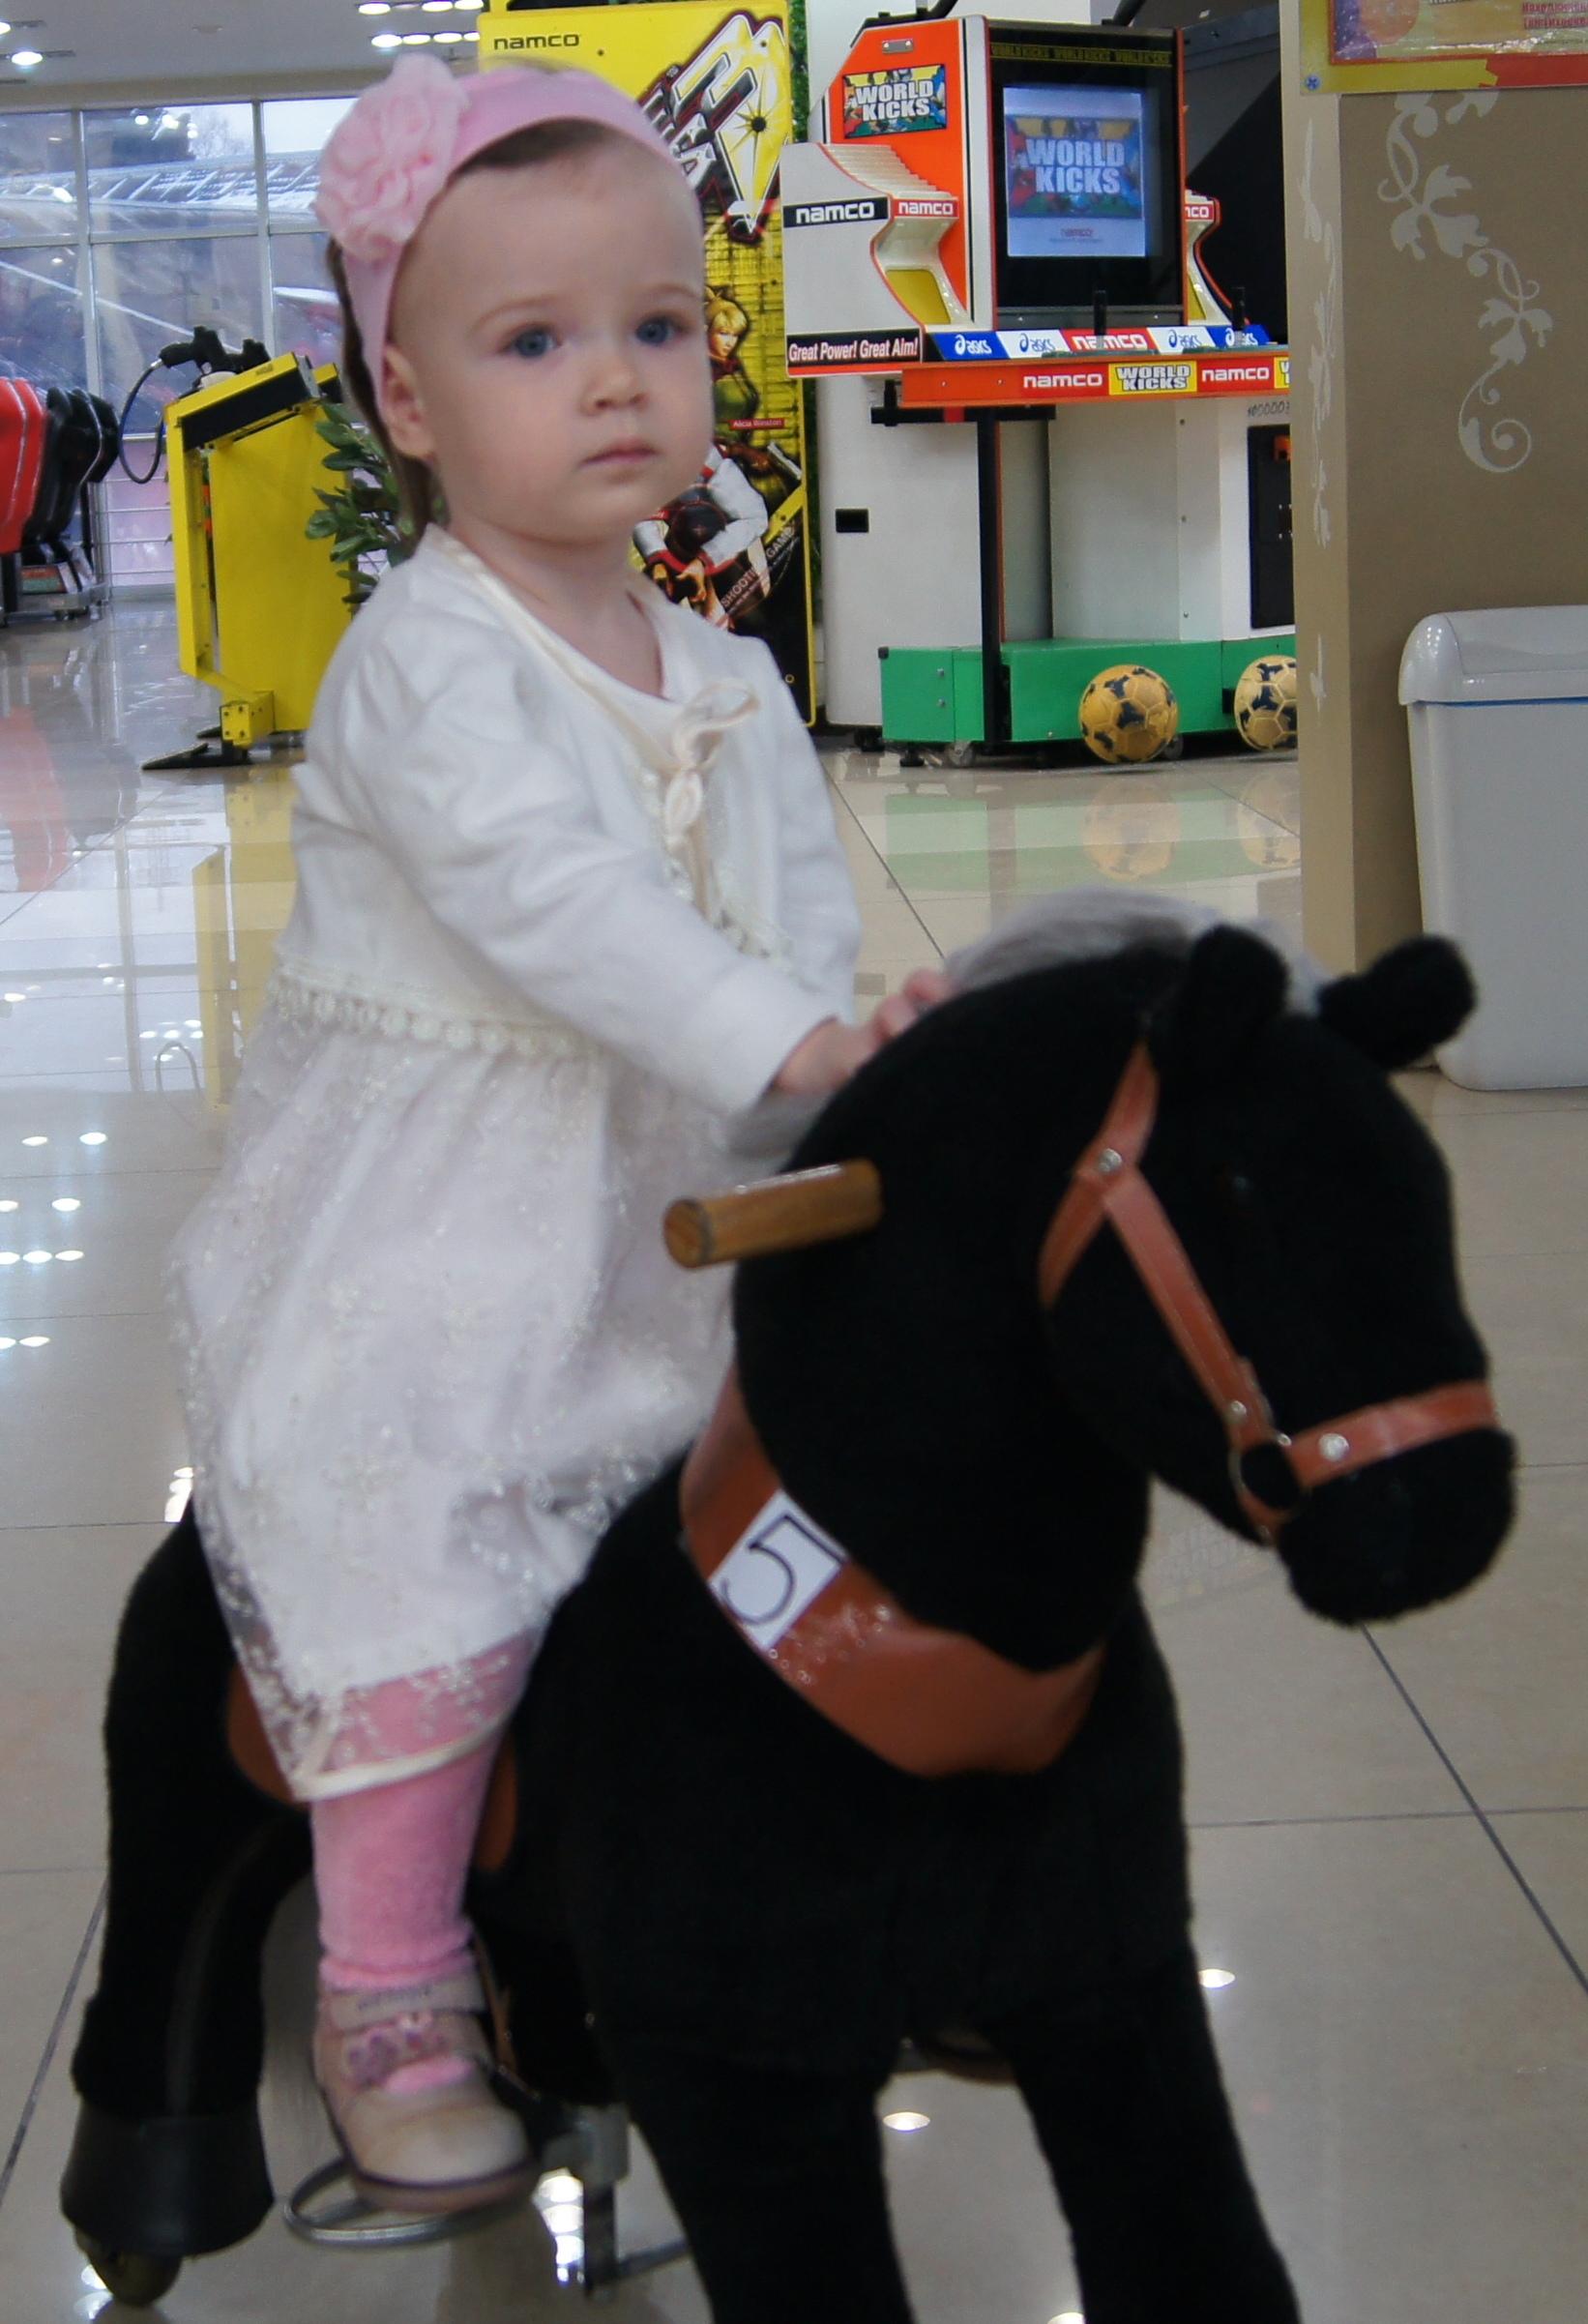 Королева Елизавета верхом на коне!. Пора кататься!